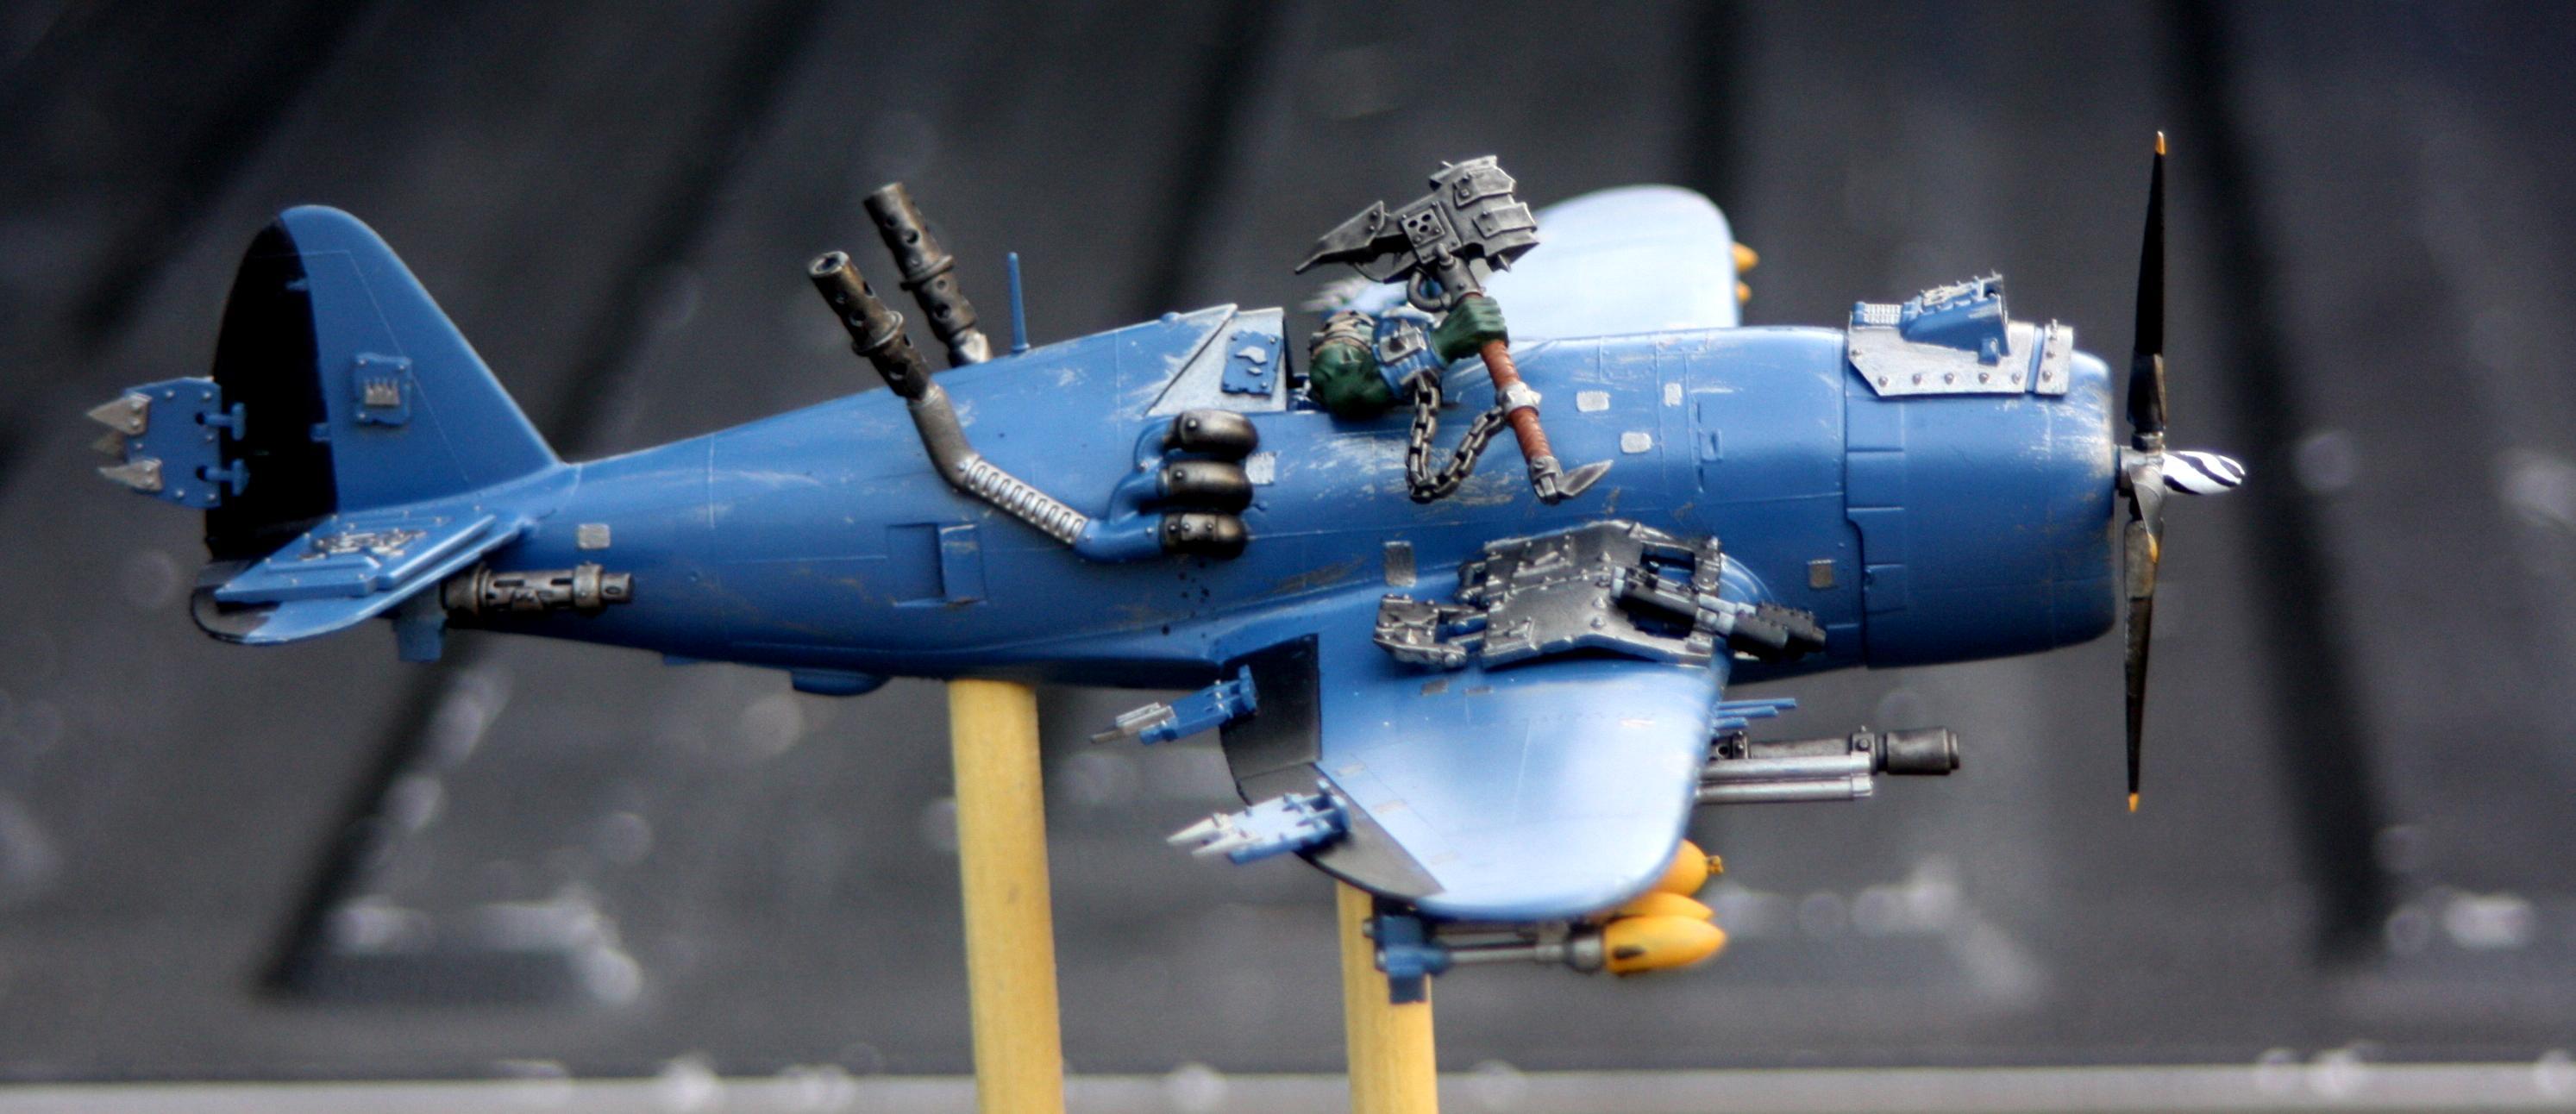 Boss, Dakka Dakka, Fly, Flyer, Jet, Orks, Waaagh!